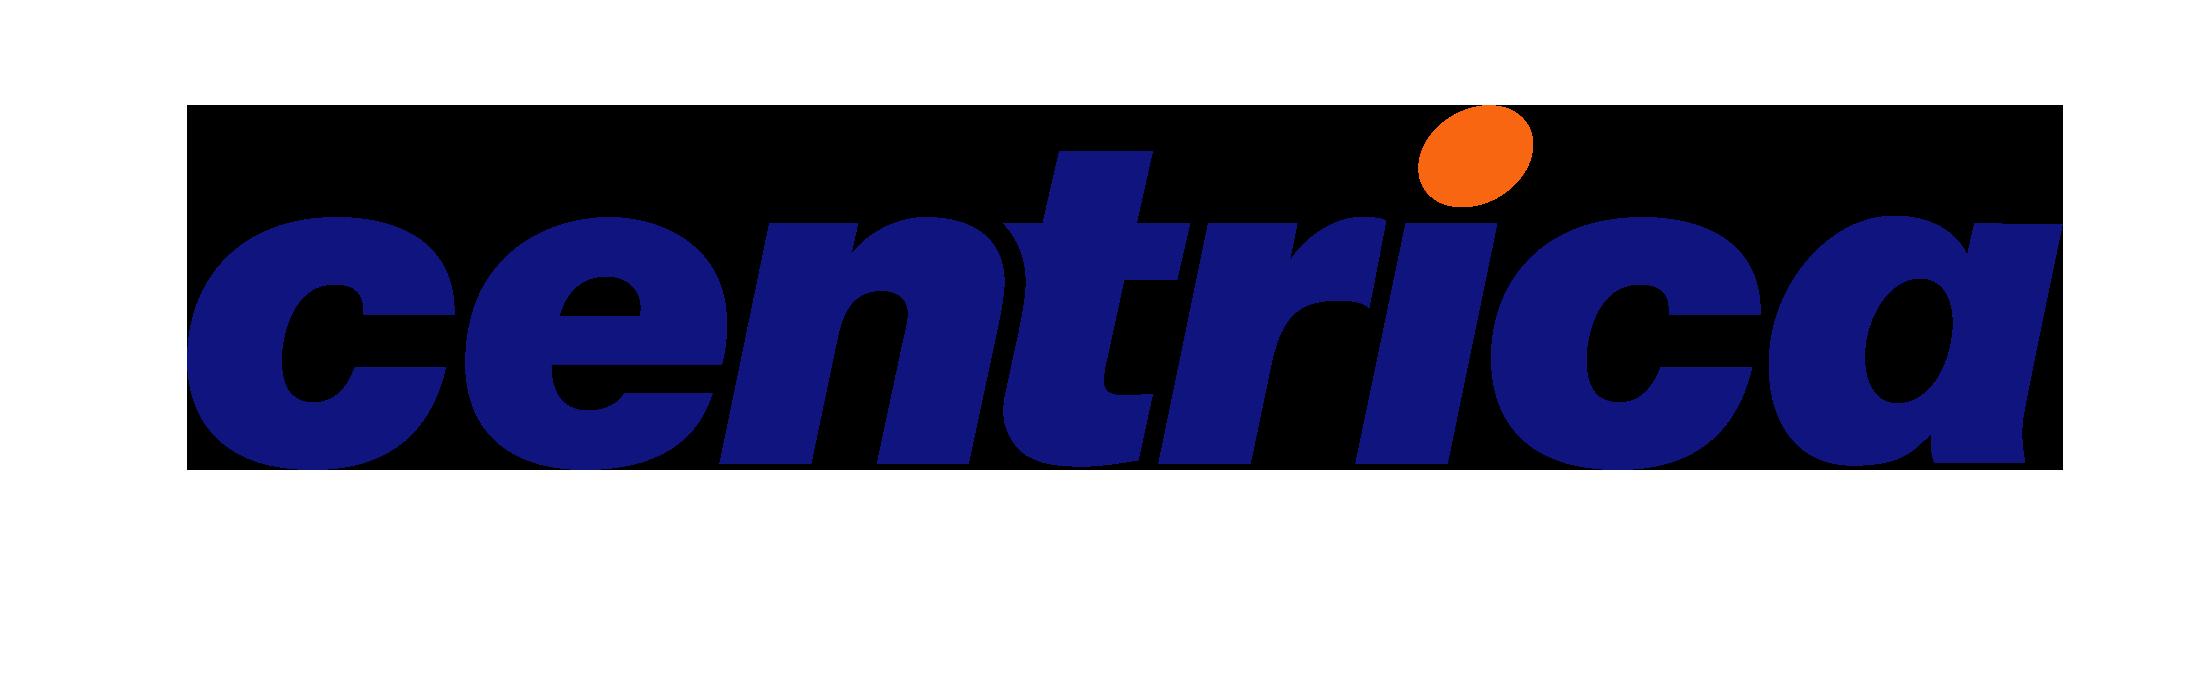 Centrica company logo